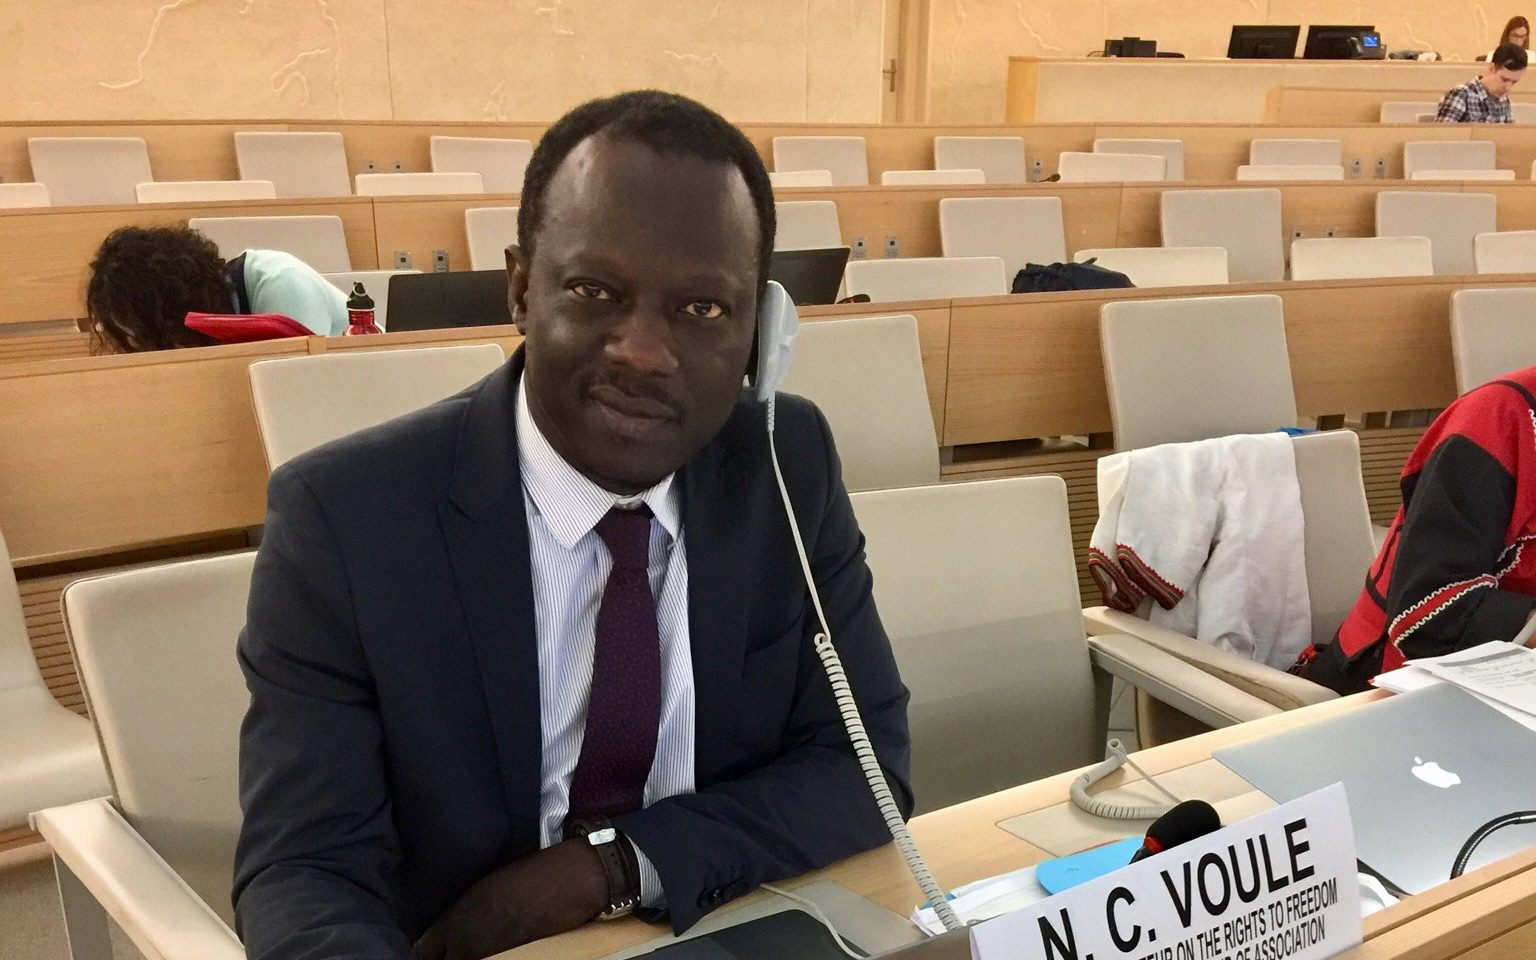 FN:s särskilda rapportör för föreningsfriheten,Clément Nyaletsossi Voule, har sedan han tillträdde posten 2018 fått kämpa för att föreningsfriheten även ska gälla på internet.